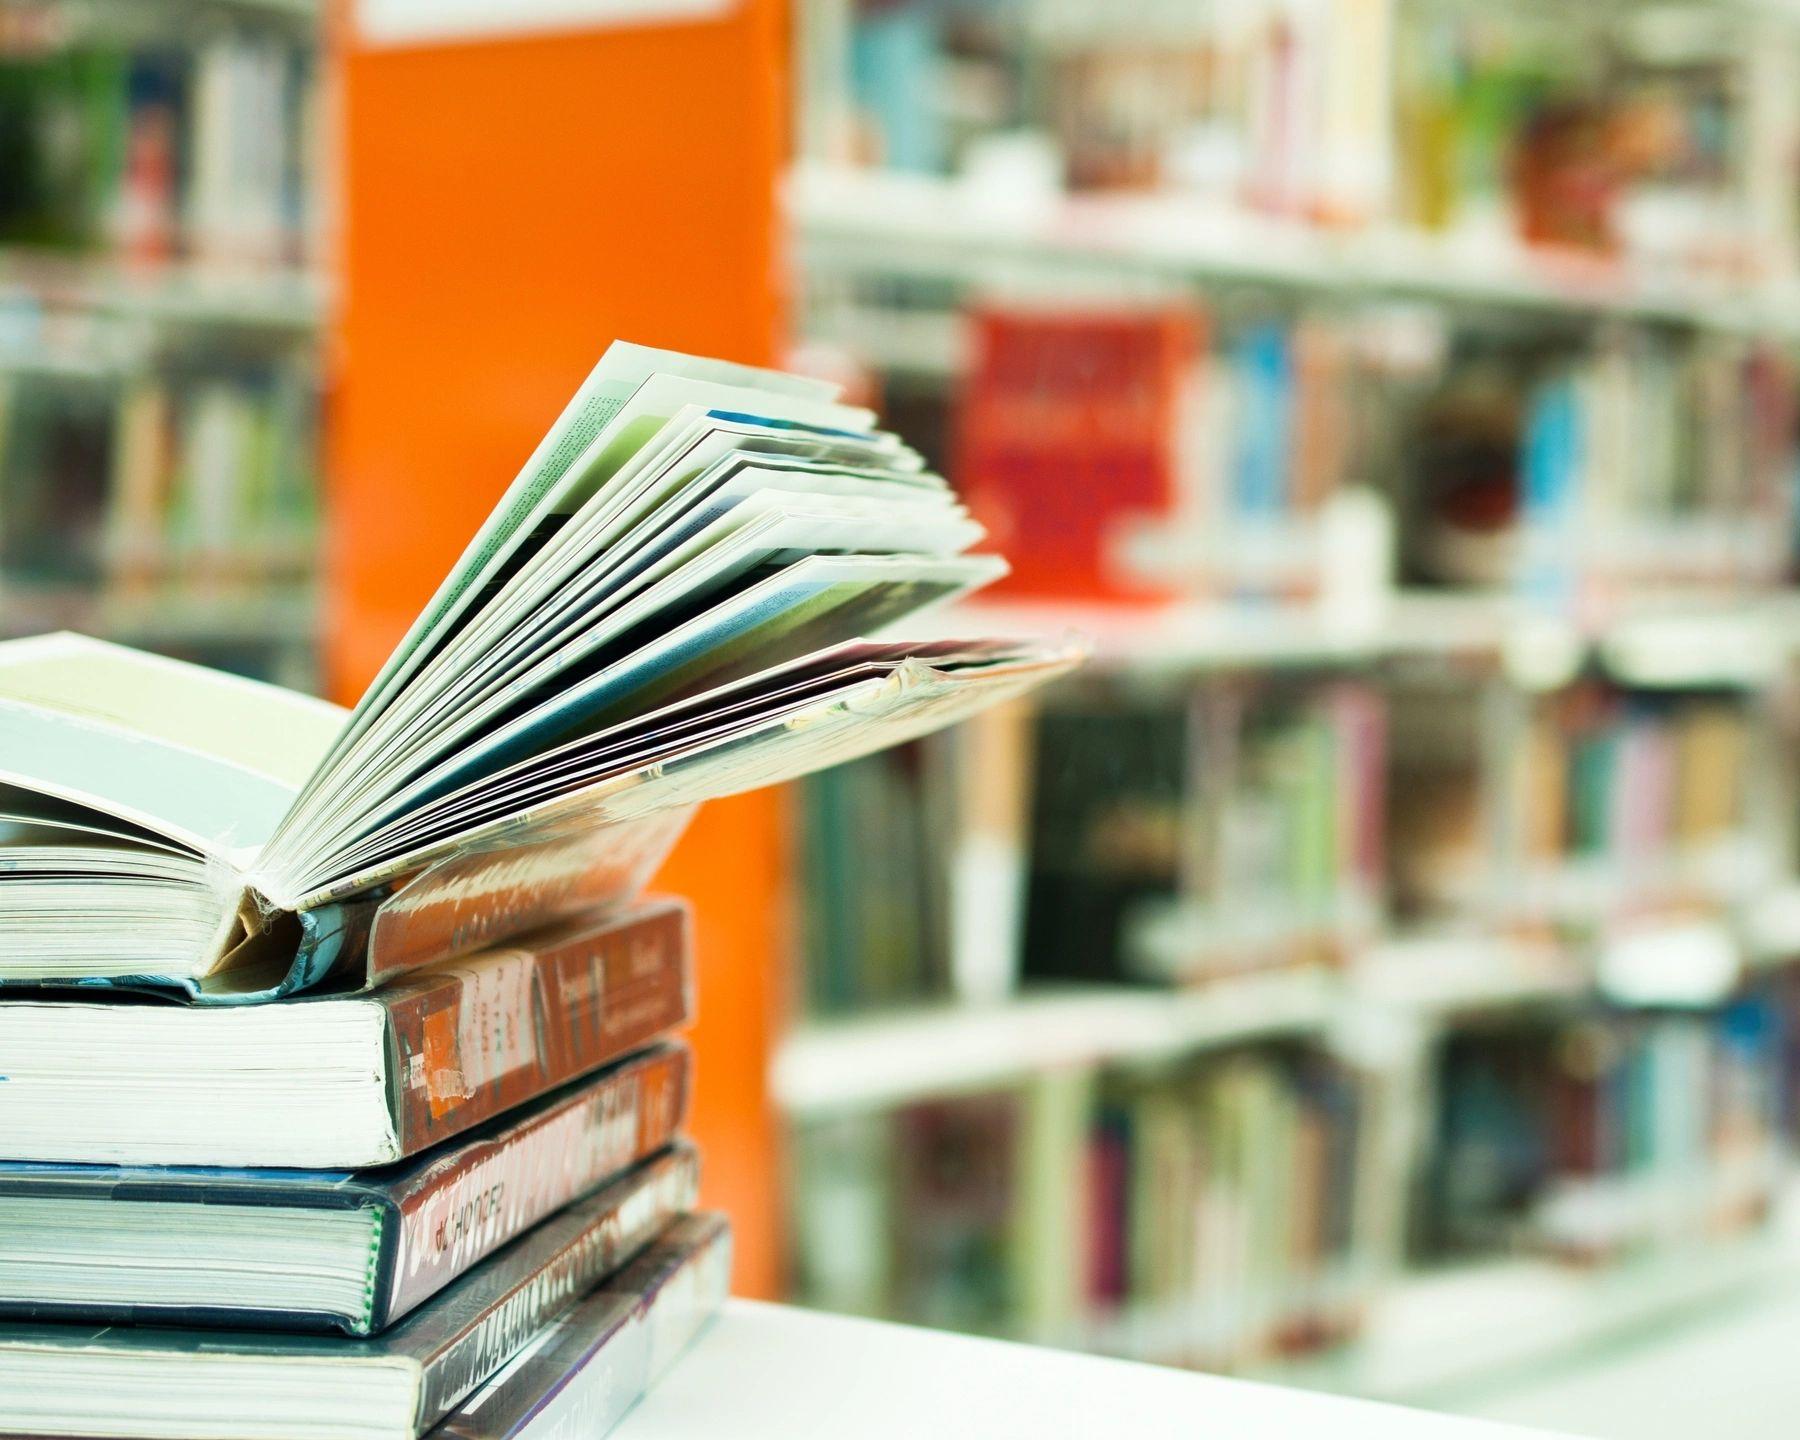 Livros em uma mesa e estante de livros ao fundo